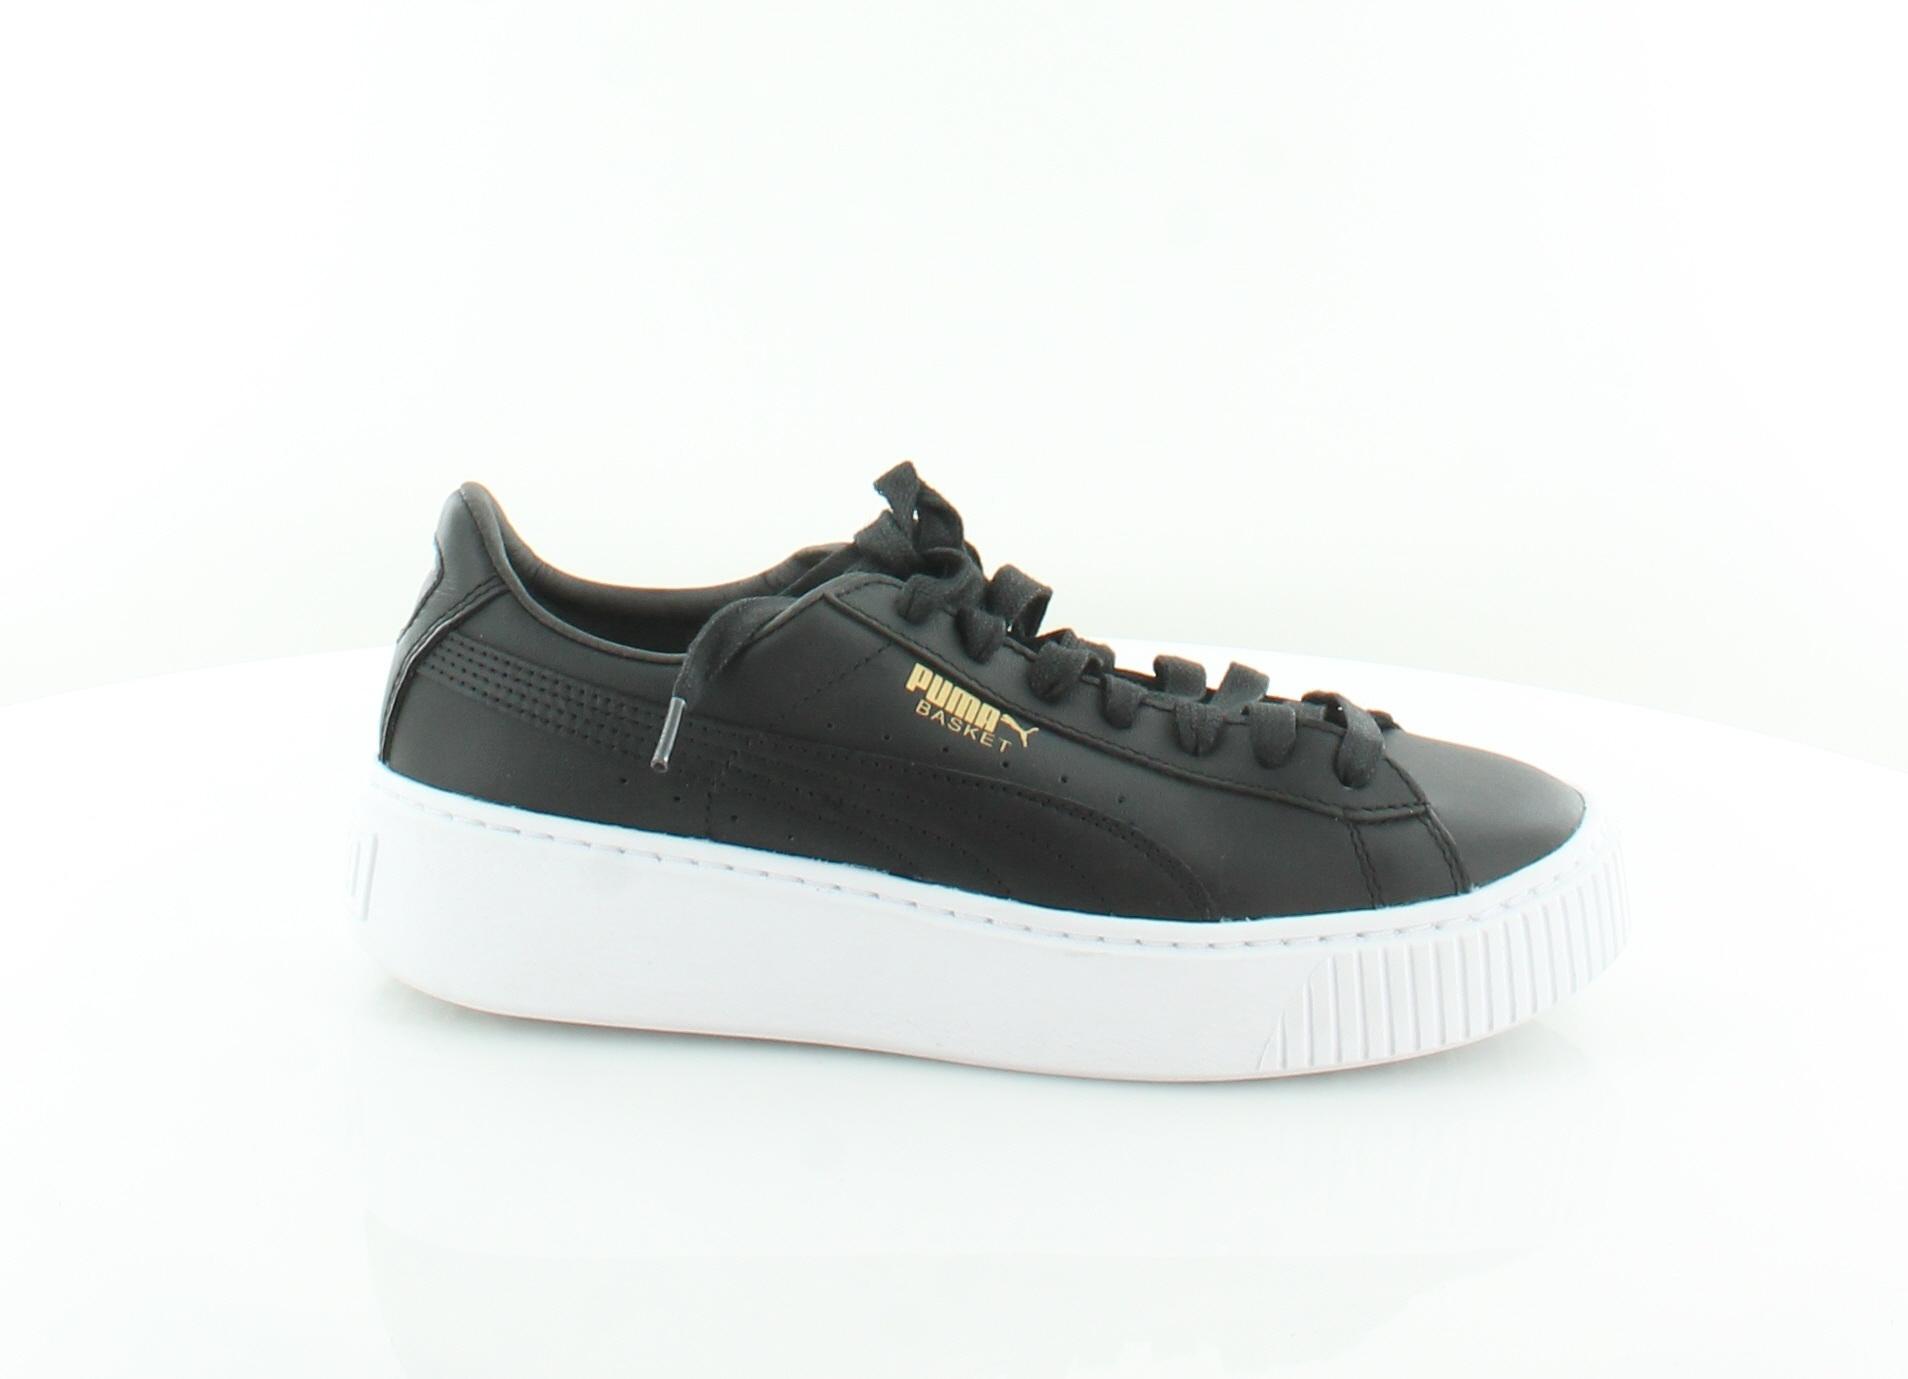 e09ae7e11645de Puma Suede Platform Core Black Womens Shoes 7.5 M Fashion Sneakers ...